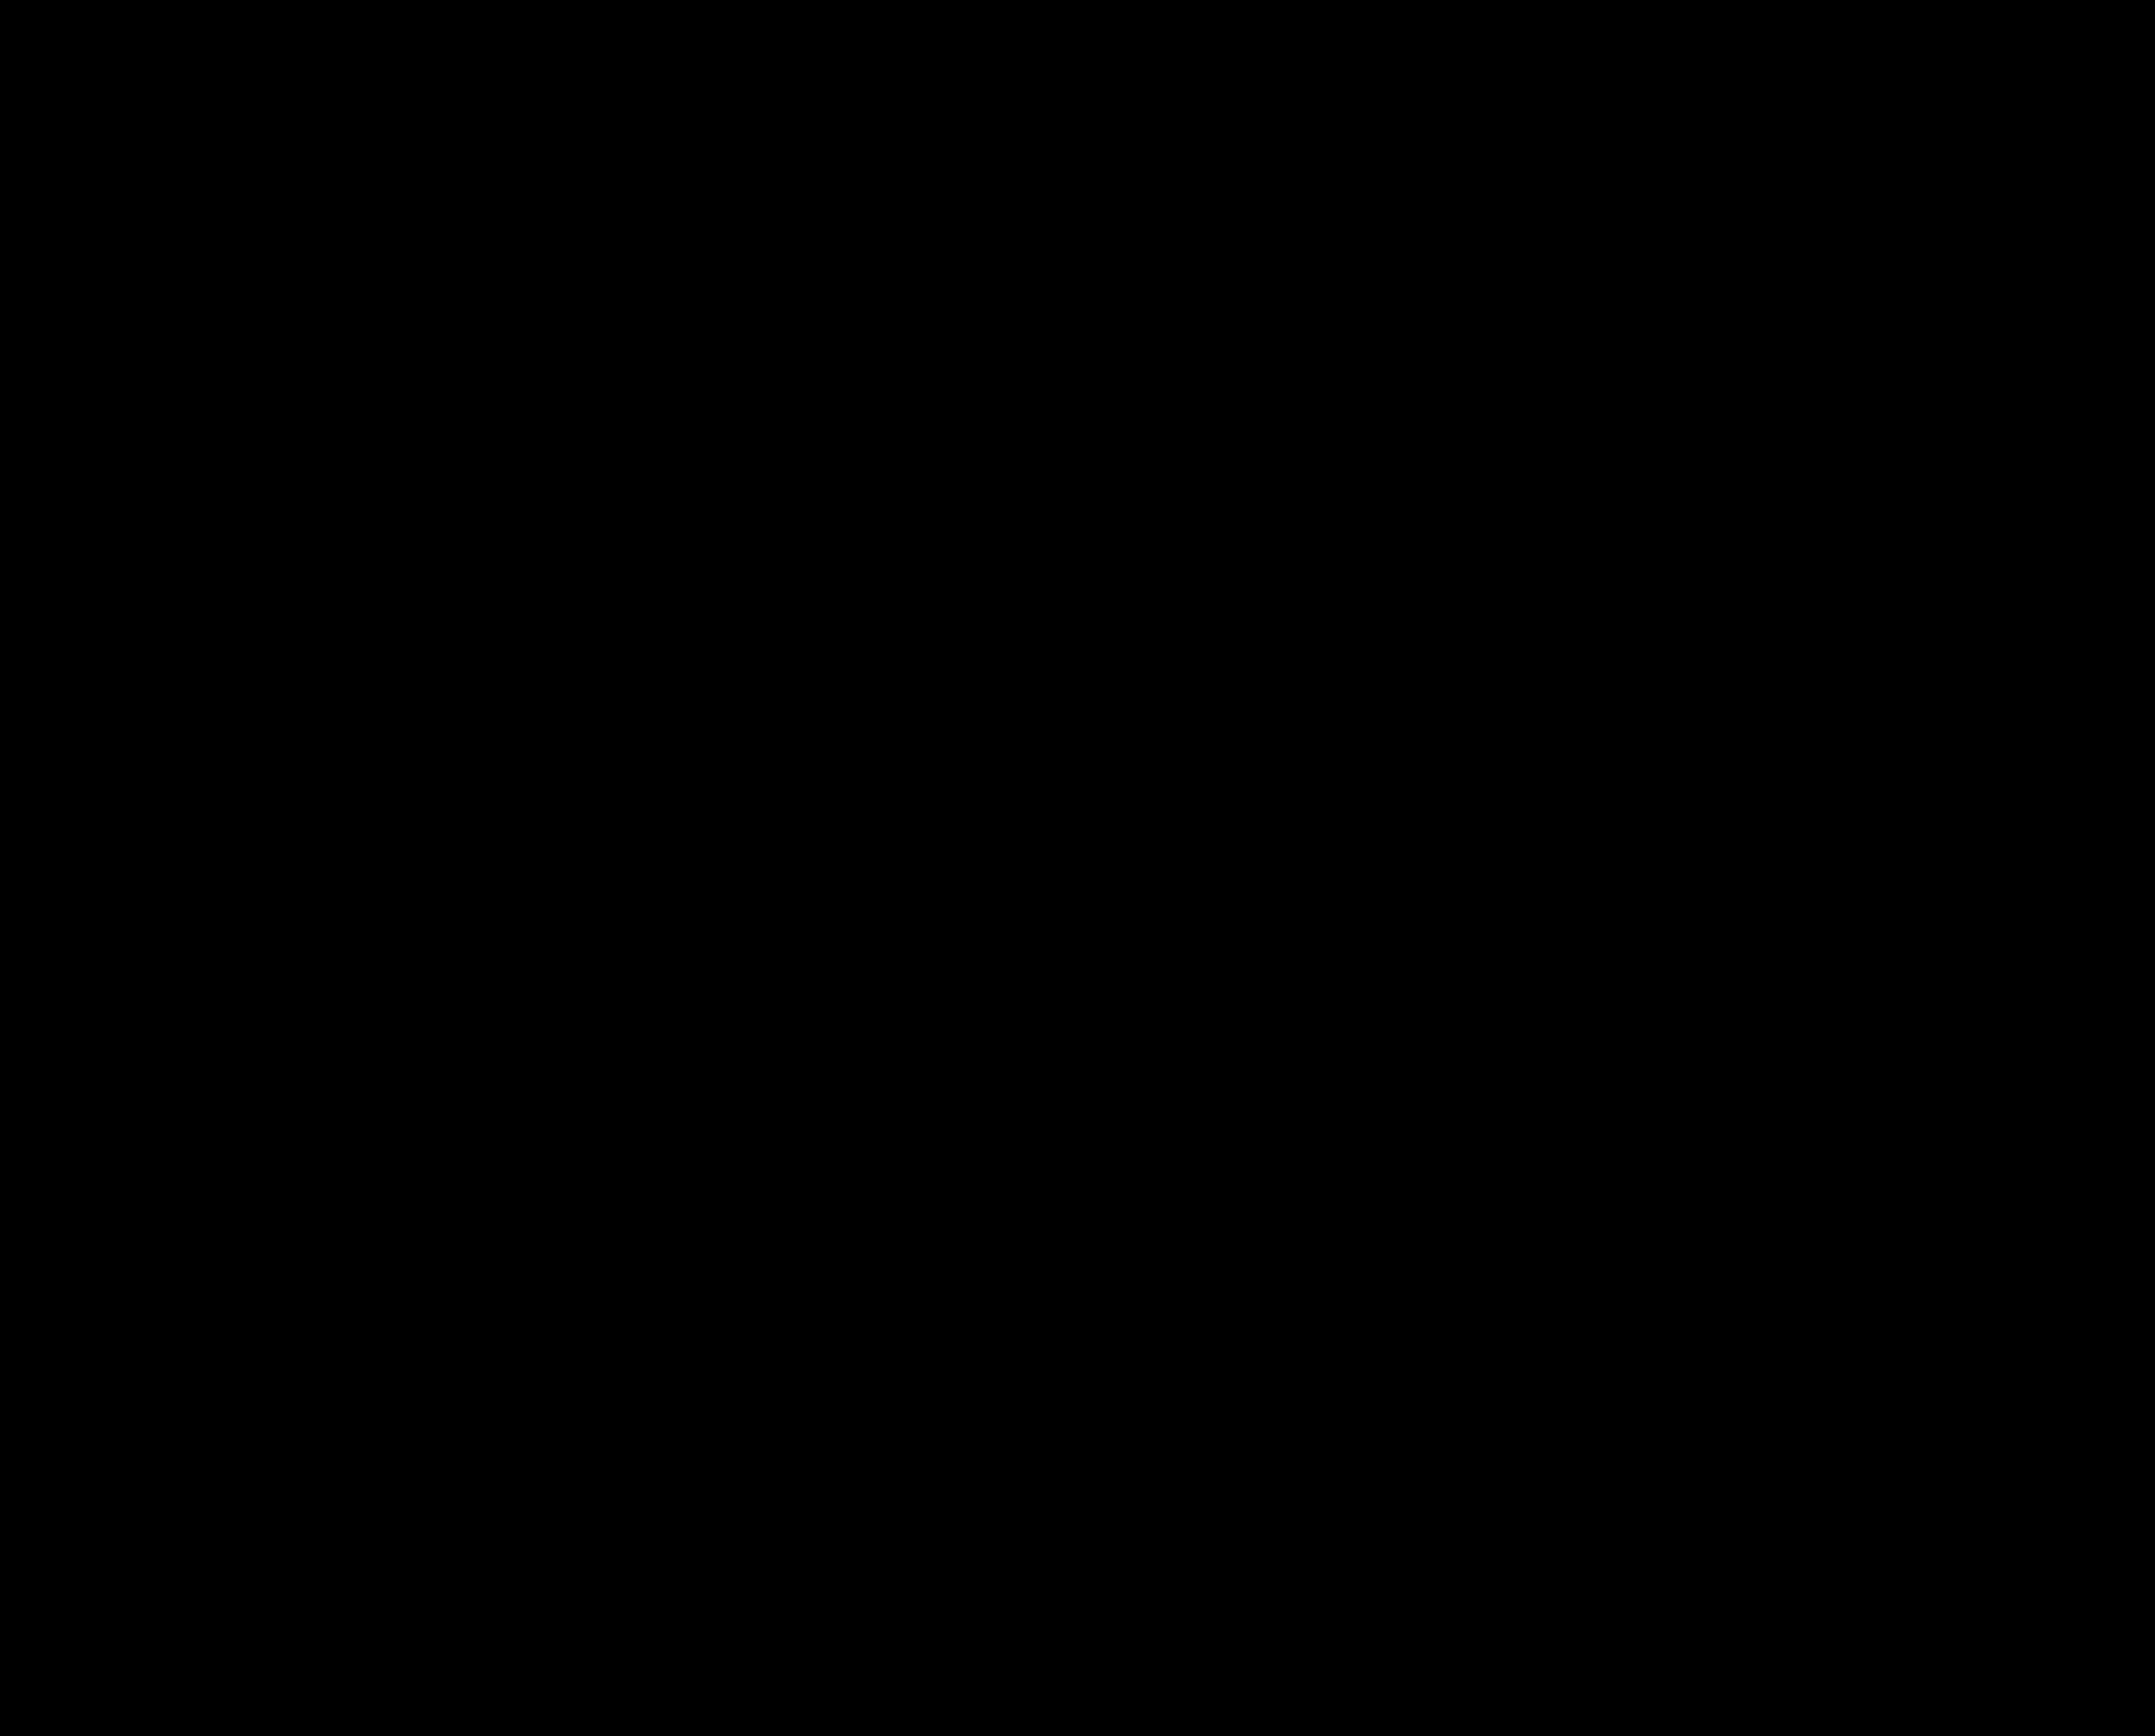 9 Soft Grunge Texture (PNG Transparent) | OnlyGFX com